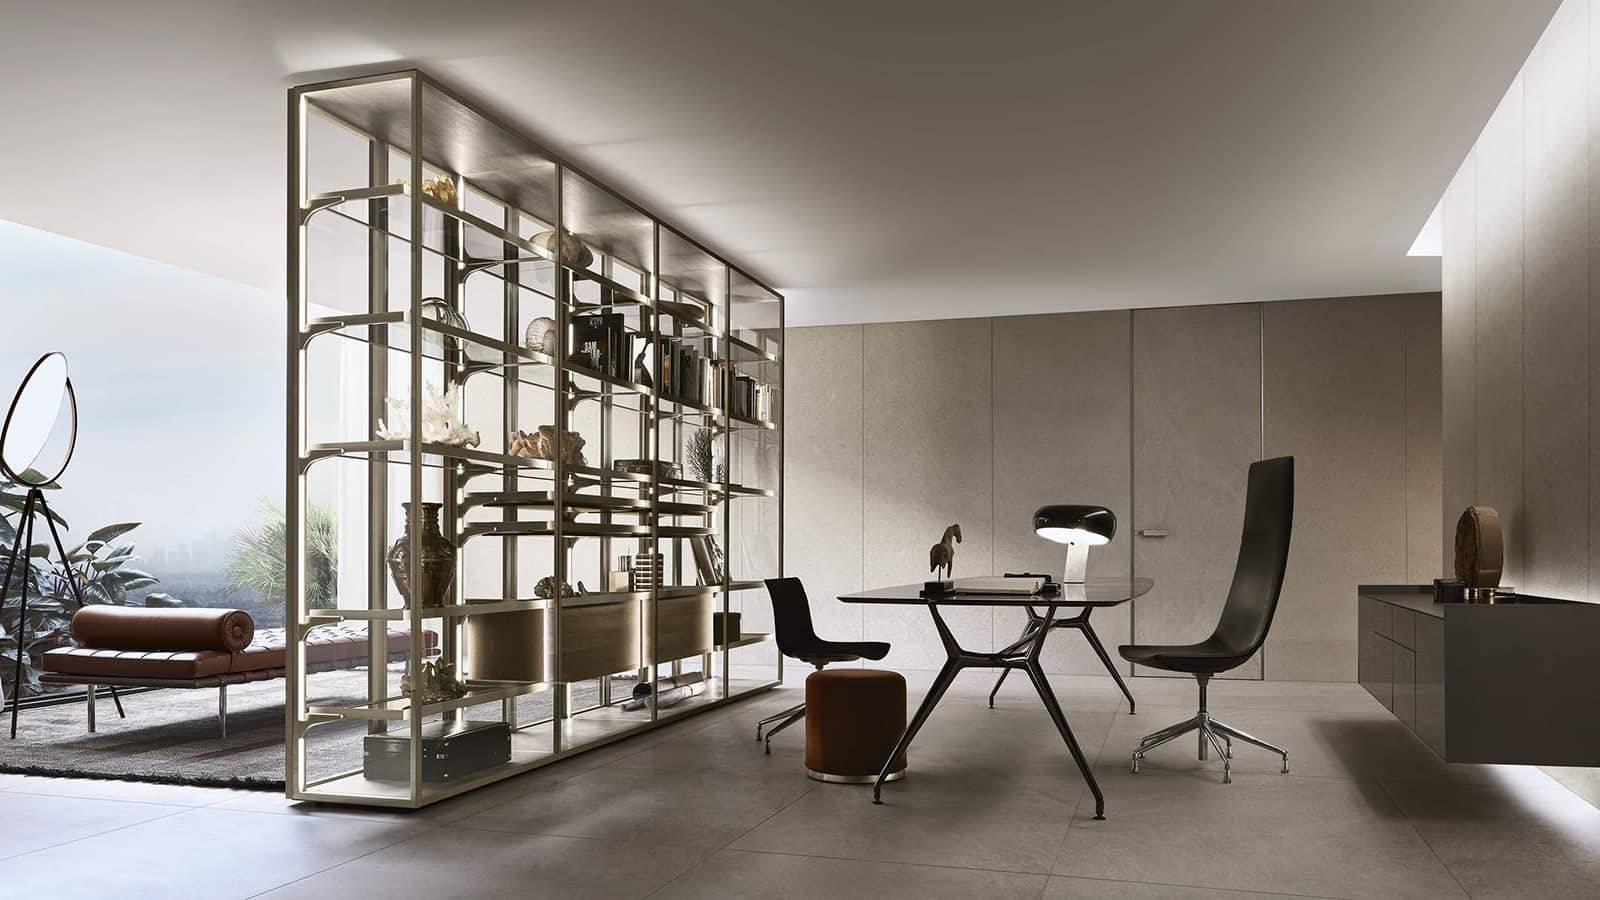 moderne vrijstaande vitrinekast met glazen deuren en zwevende ladeblokken. Geheel op maat gemaakt. Exclusief Italiaans design Rimadesio Cover